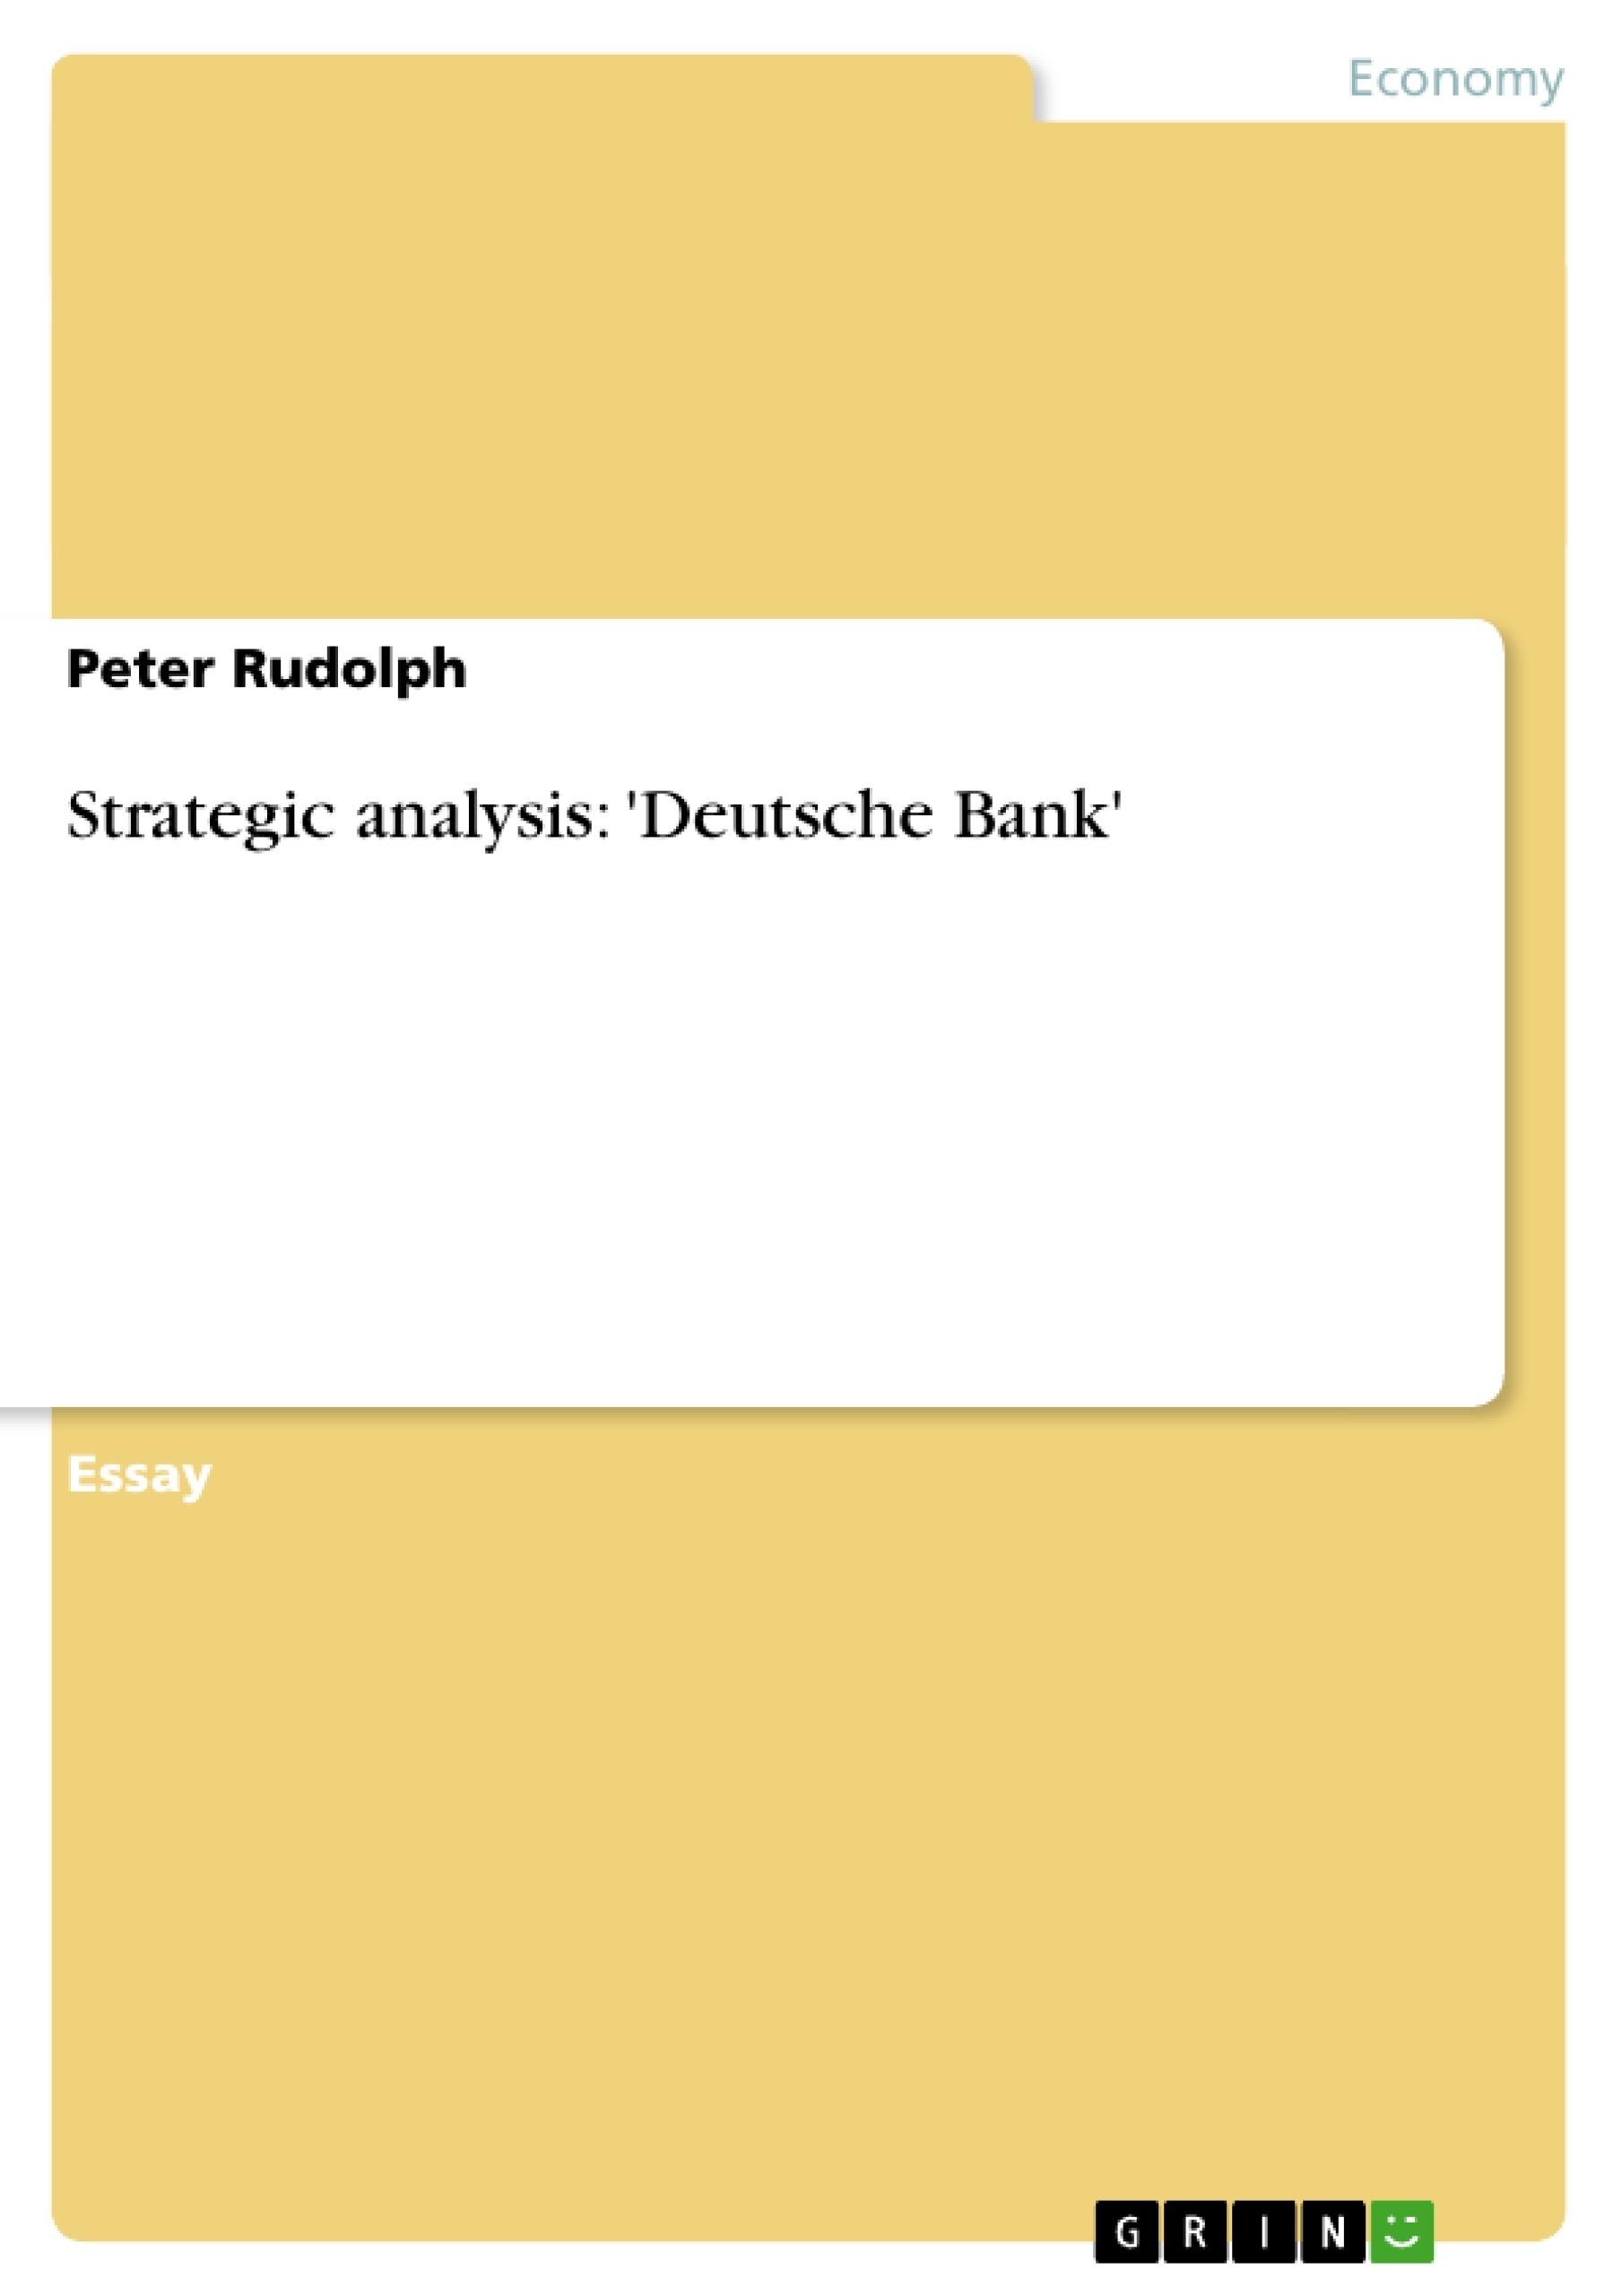 Title: Strategic analysis: 'Deutsche Bank'